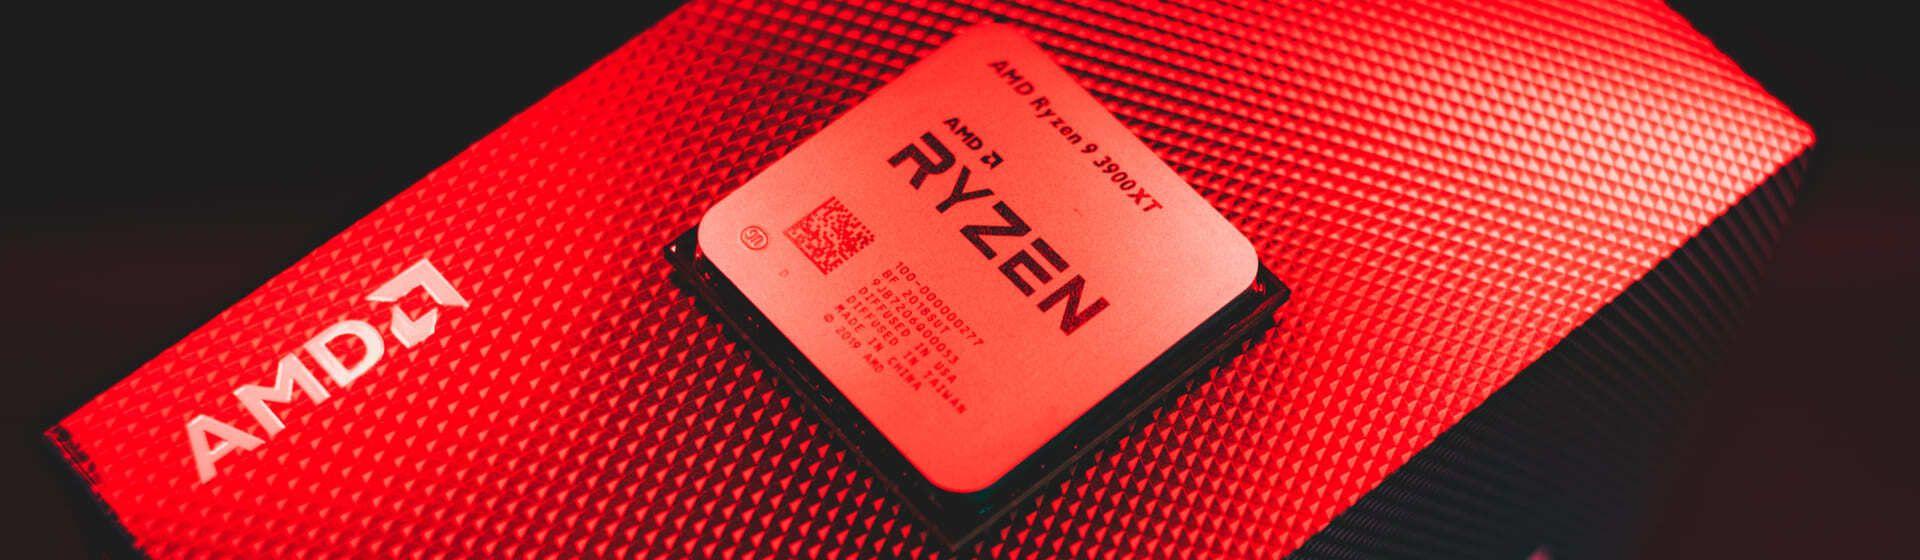 Melhor notebook Ryzen em 2021: 7 modelos para comprar